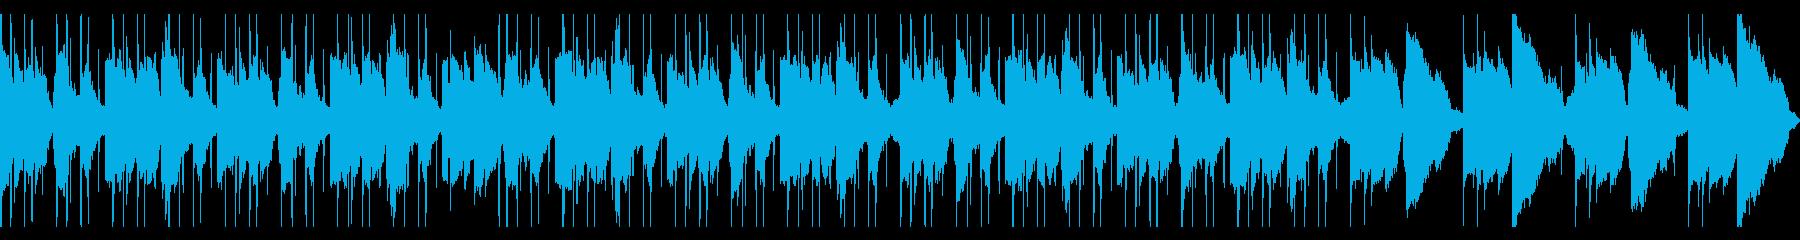 ギターLofiHiphop 切ない cの再生済みの波形